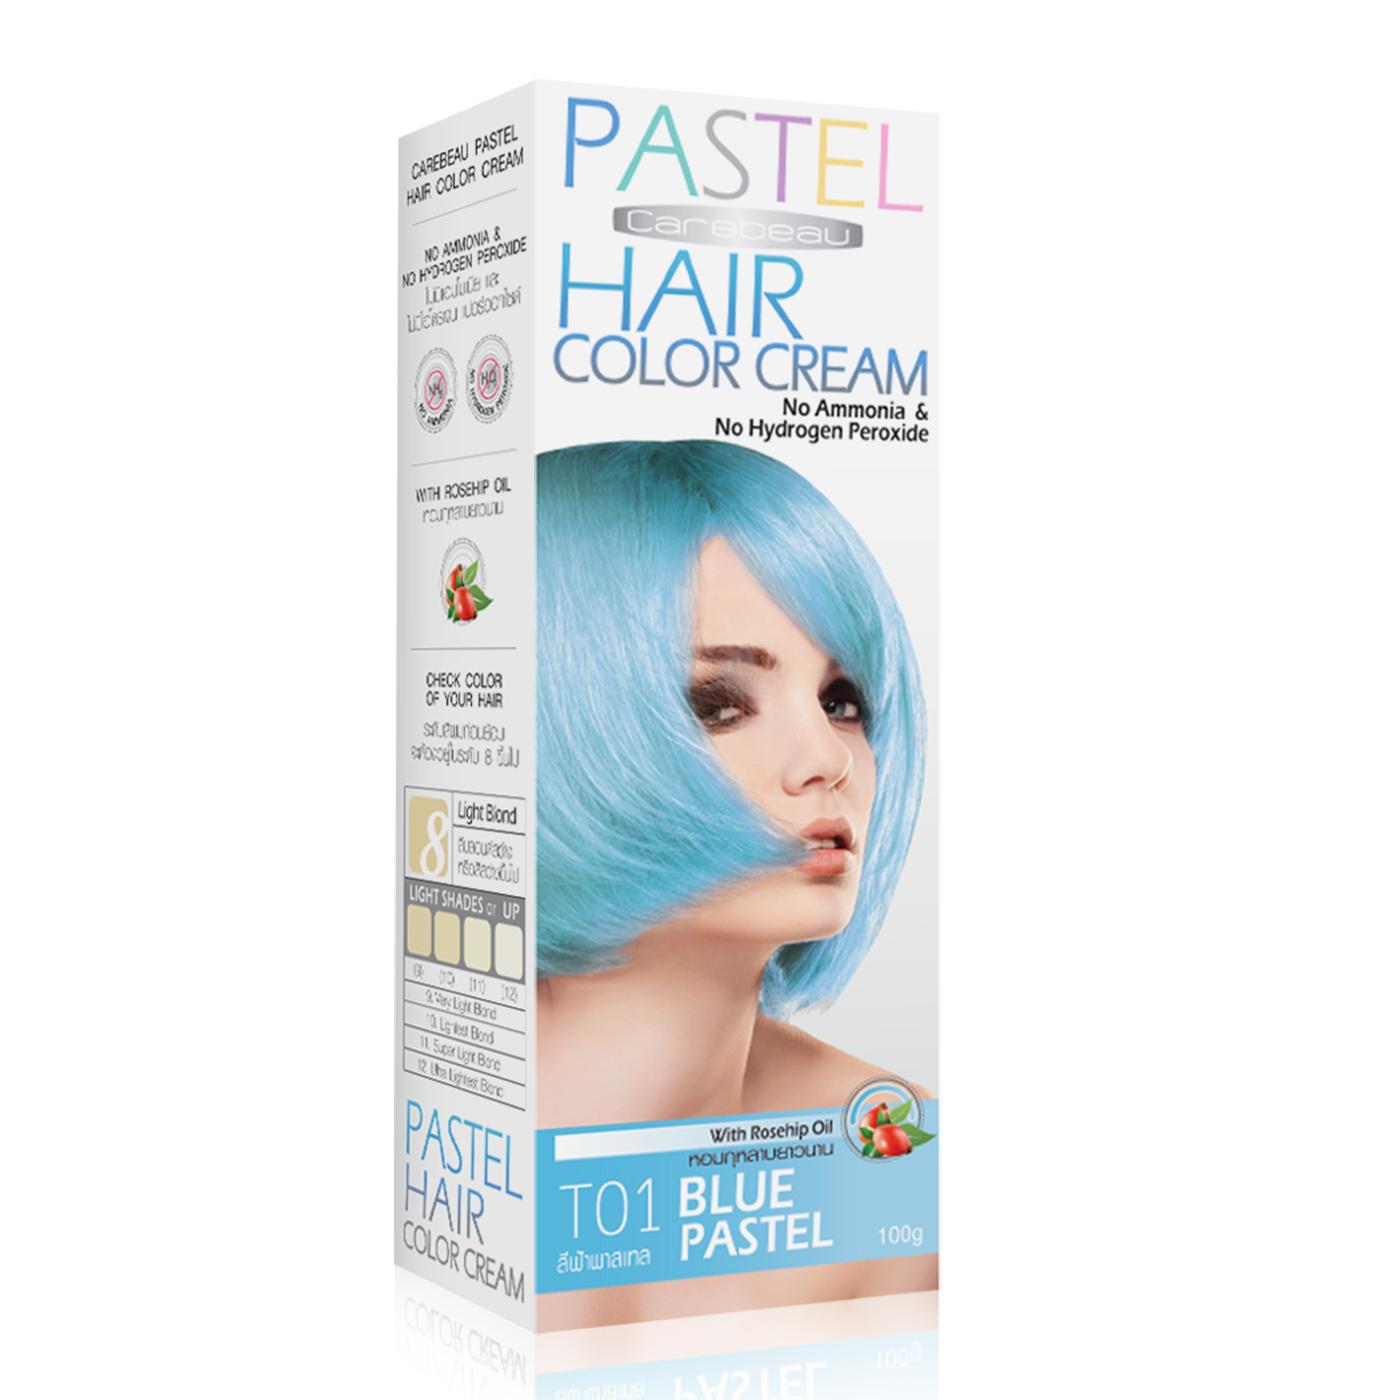 ครีมเปลี่ยนสีผมแคร์บิว CAREBEAU PASTEL HAIR COLOR CREAM T01 สีฟ้าพาสเทล ราคาส่งถูก ๆ W.165 รหัส H137